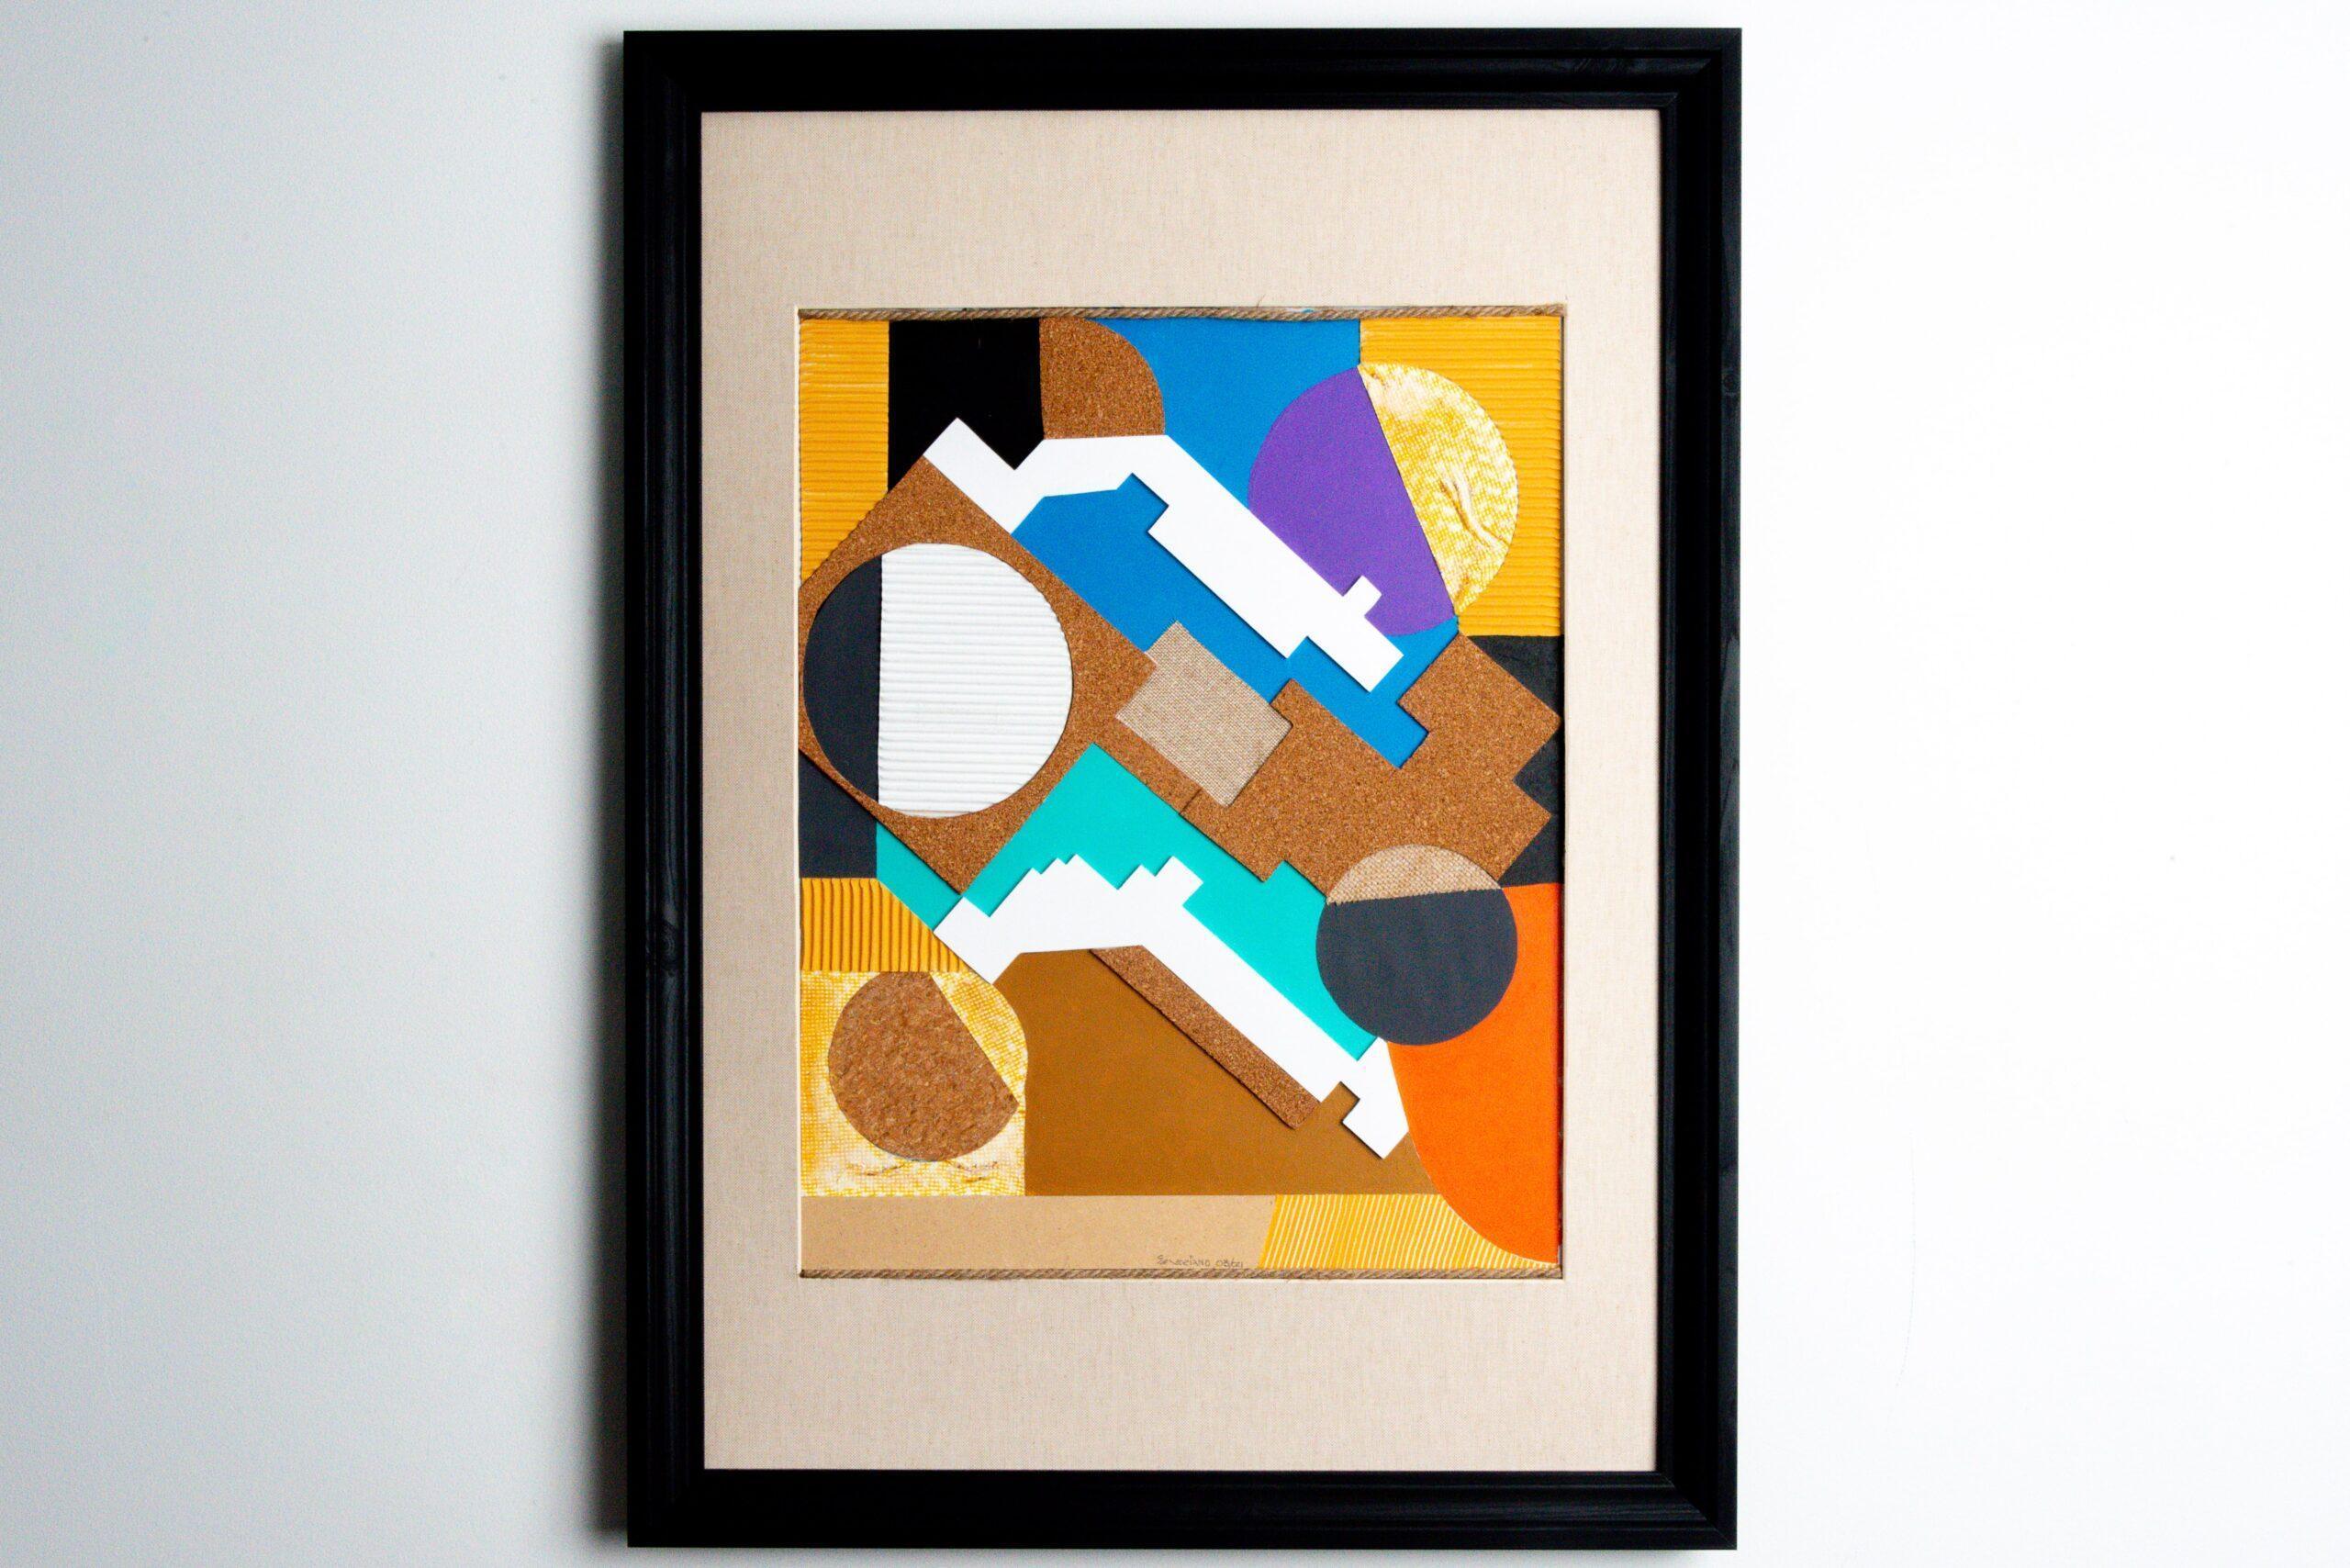 Obras de Arte e Quadros de José Severiano Adagio